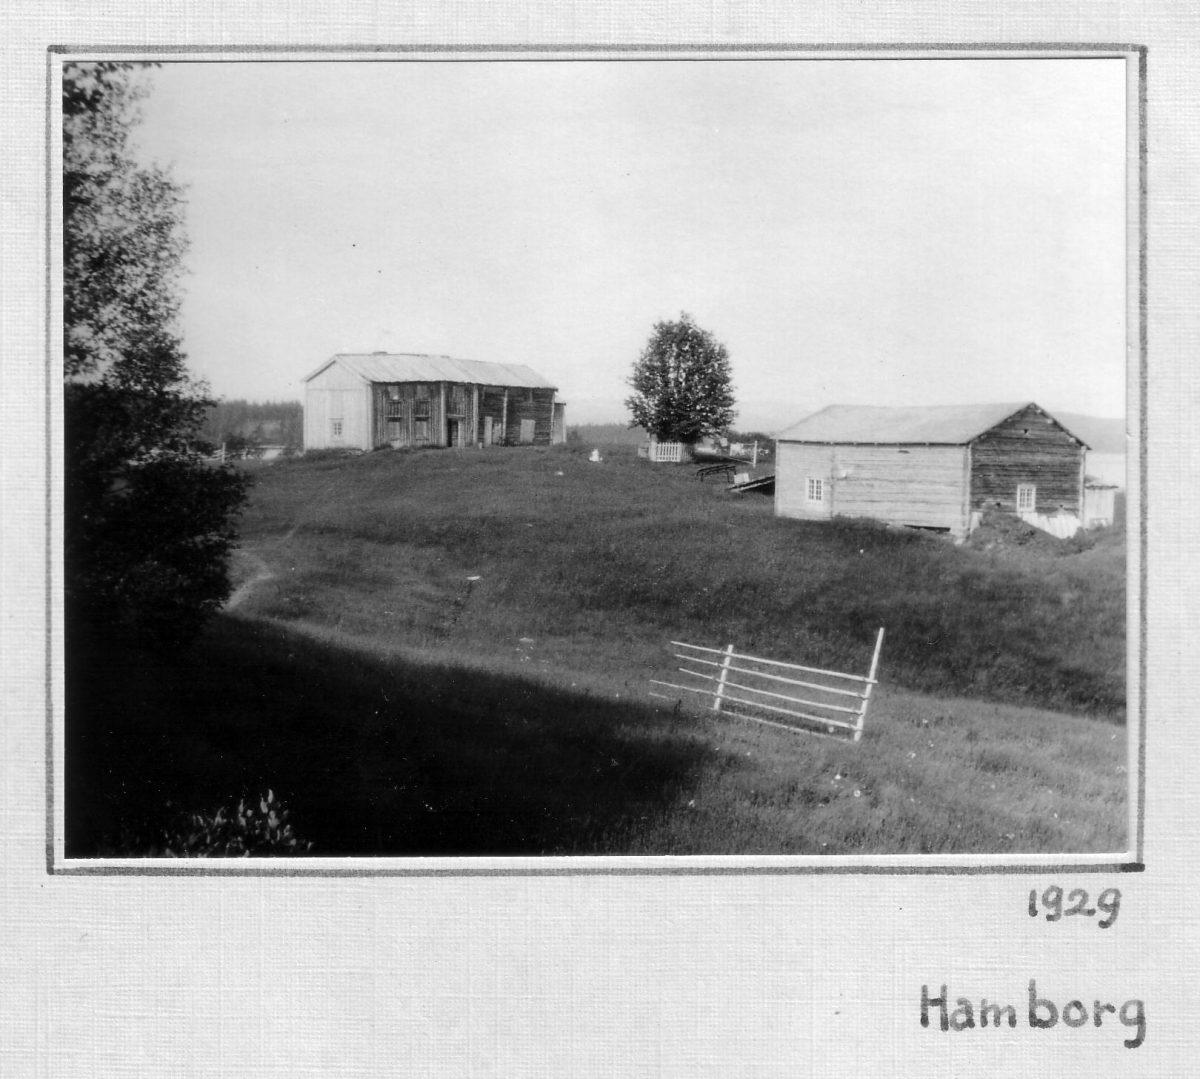 S.62 Hamborg 1929 Bild 1